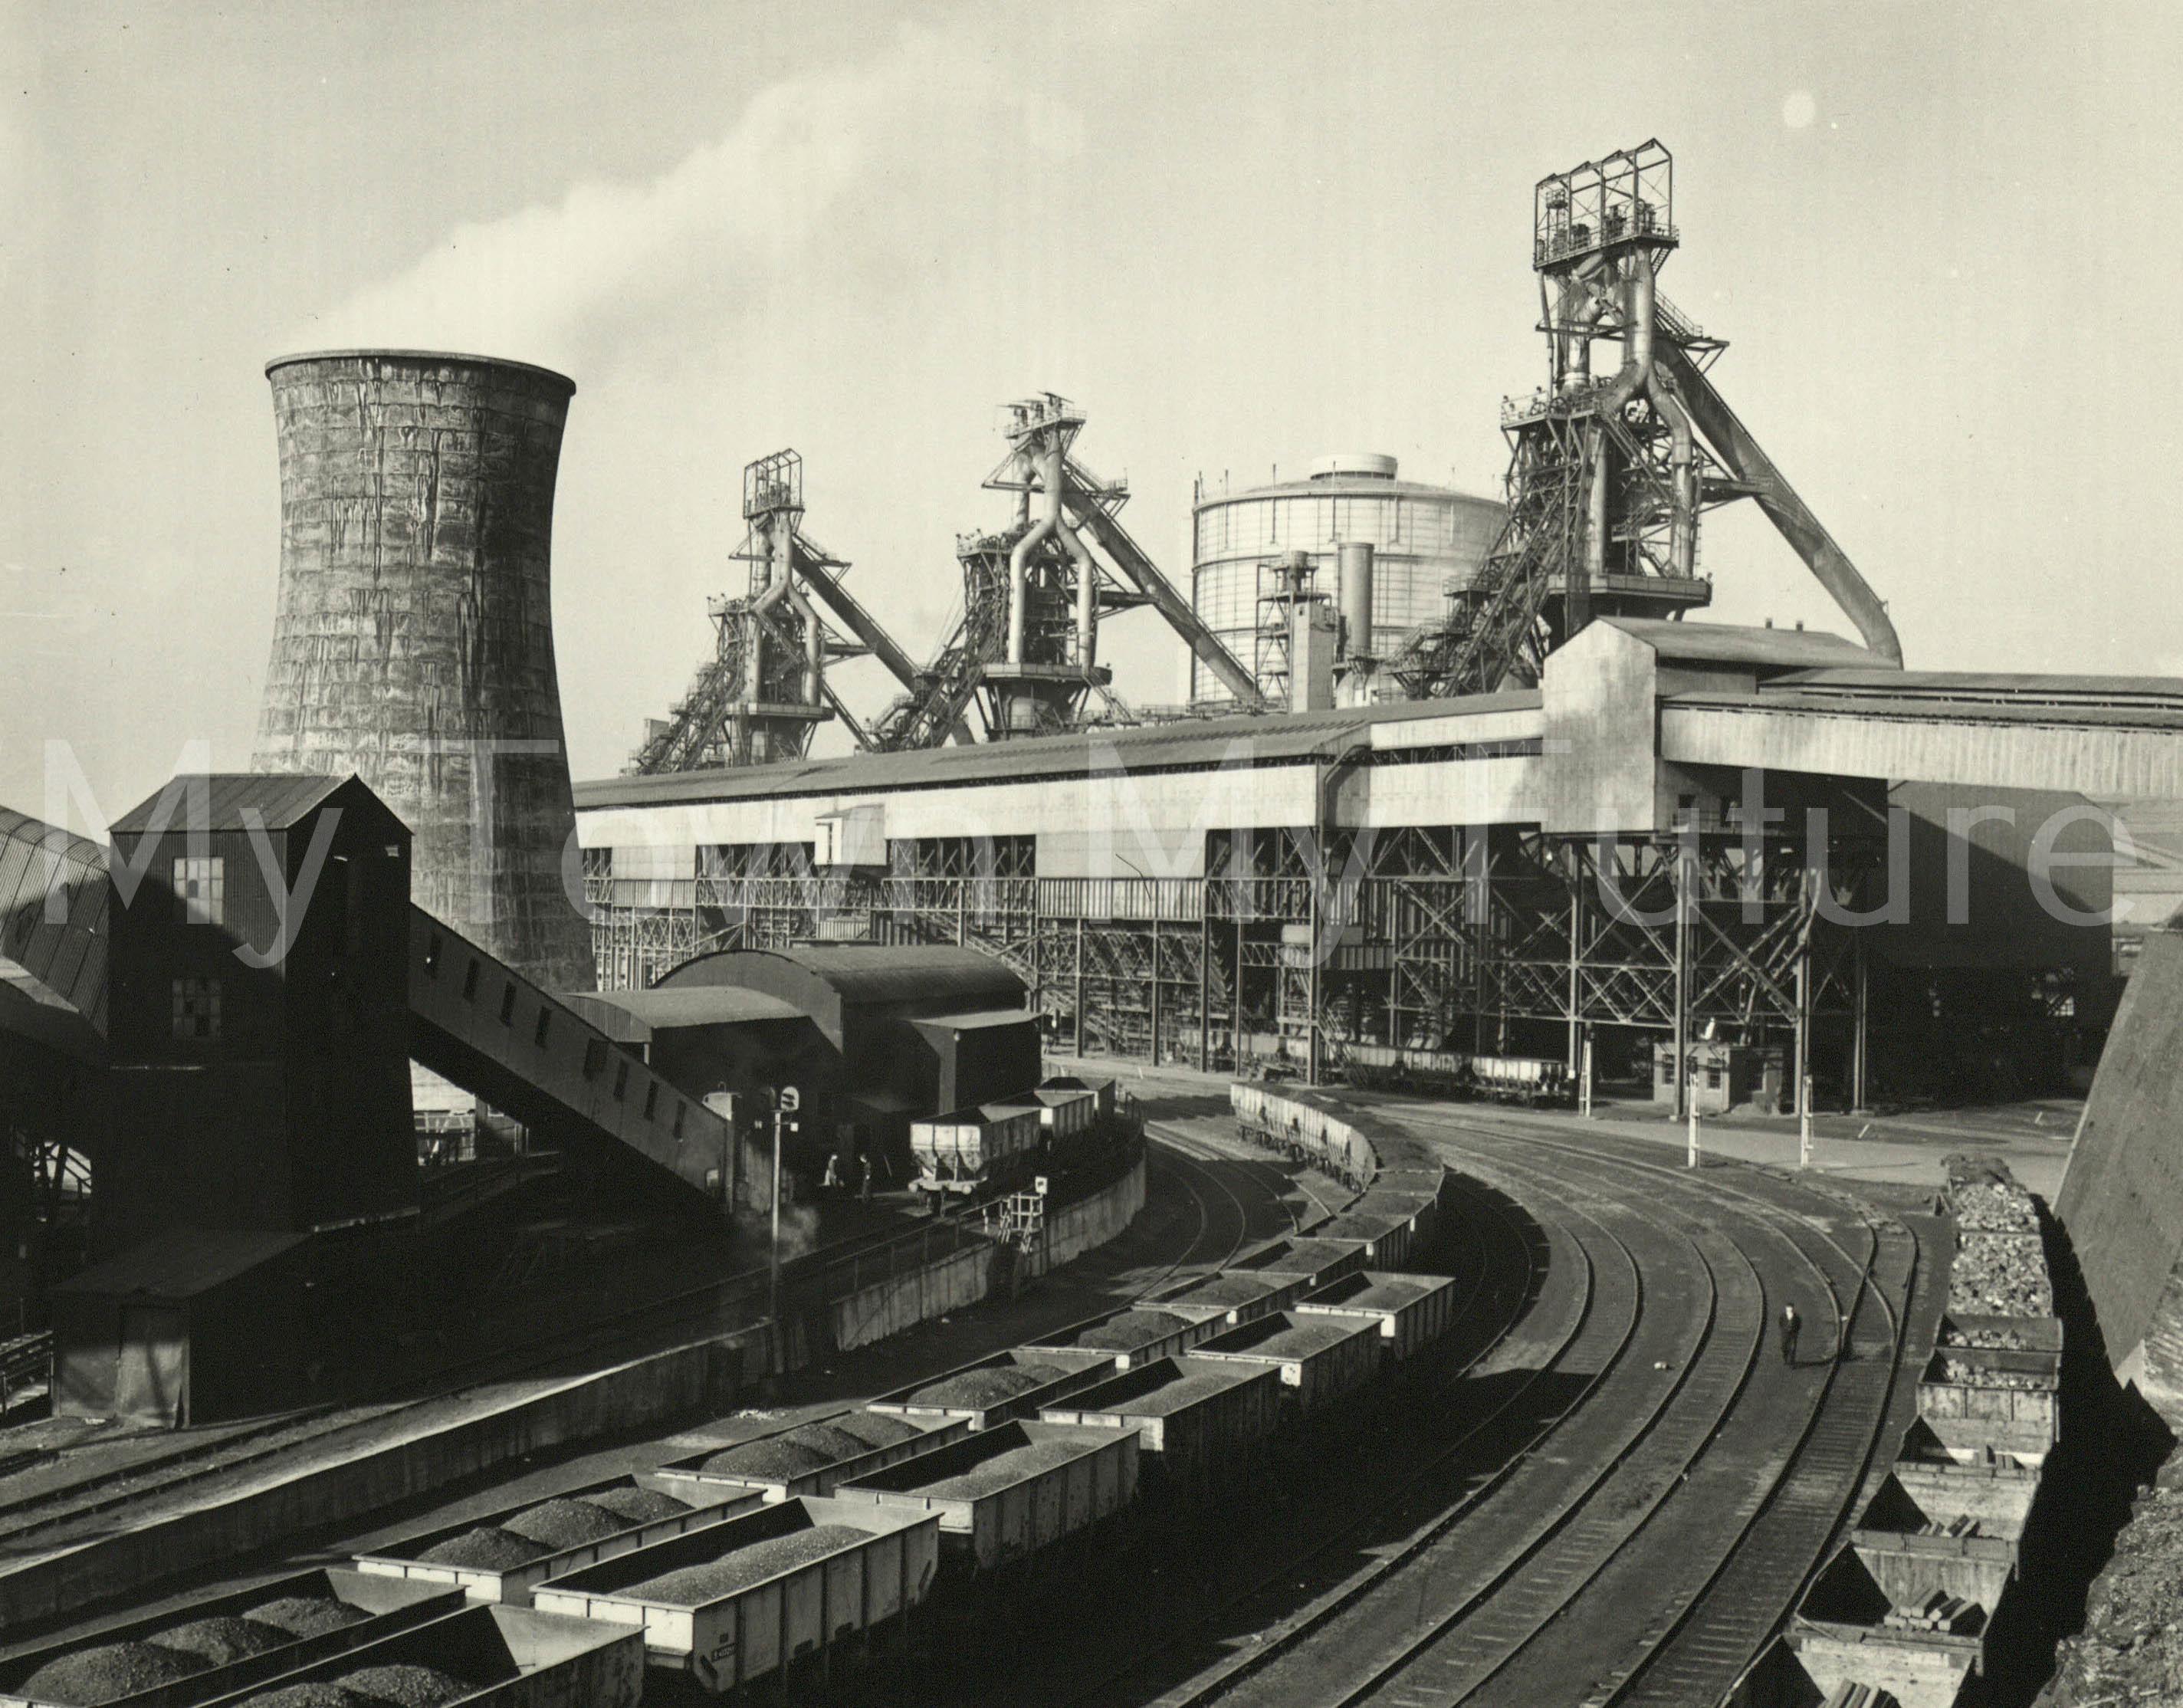 Clay Lane Ironworks 28th February 1964